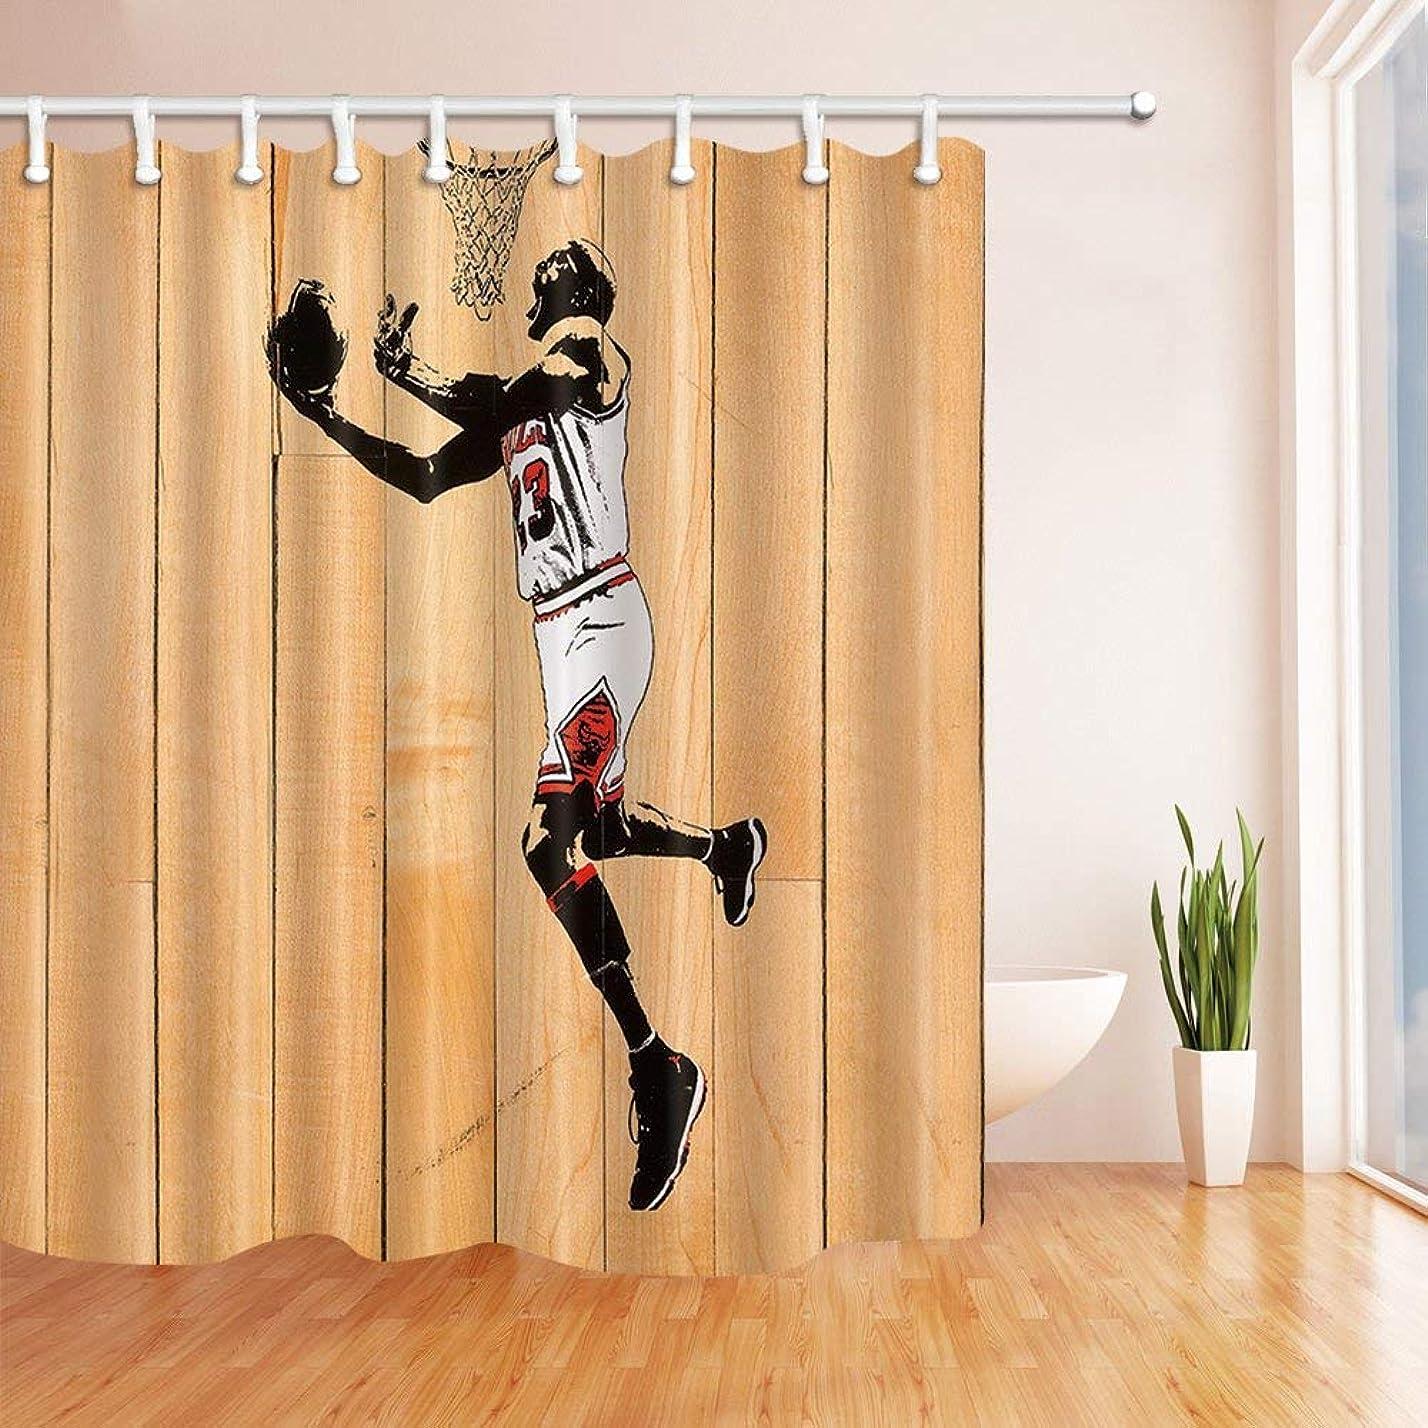 経済的驚くばかり証明するGooEoo スポーツ装飾、木製シャワーカーテンのバスケットボールシルエット、ポリエステルファブリック防水バスカーテン、71X71インチ、シャワーカーテンフック付き、ブラウン